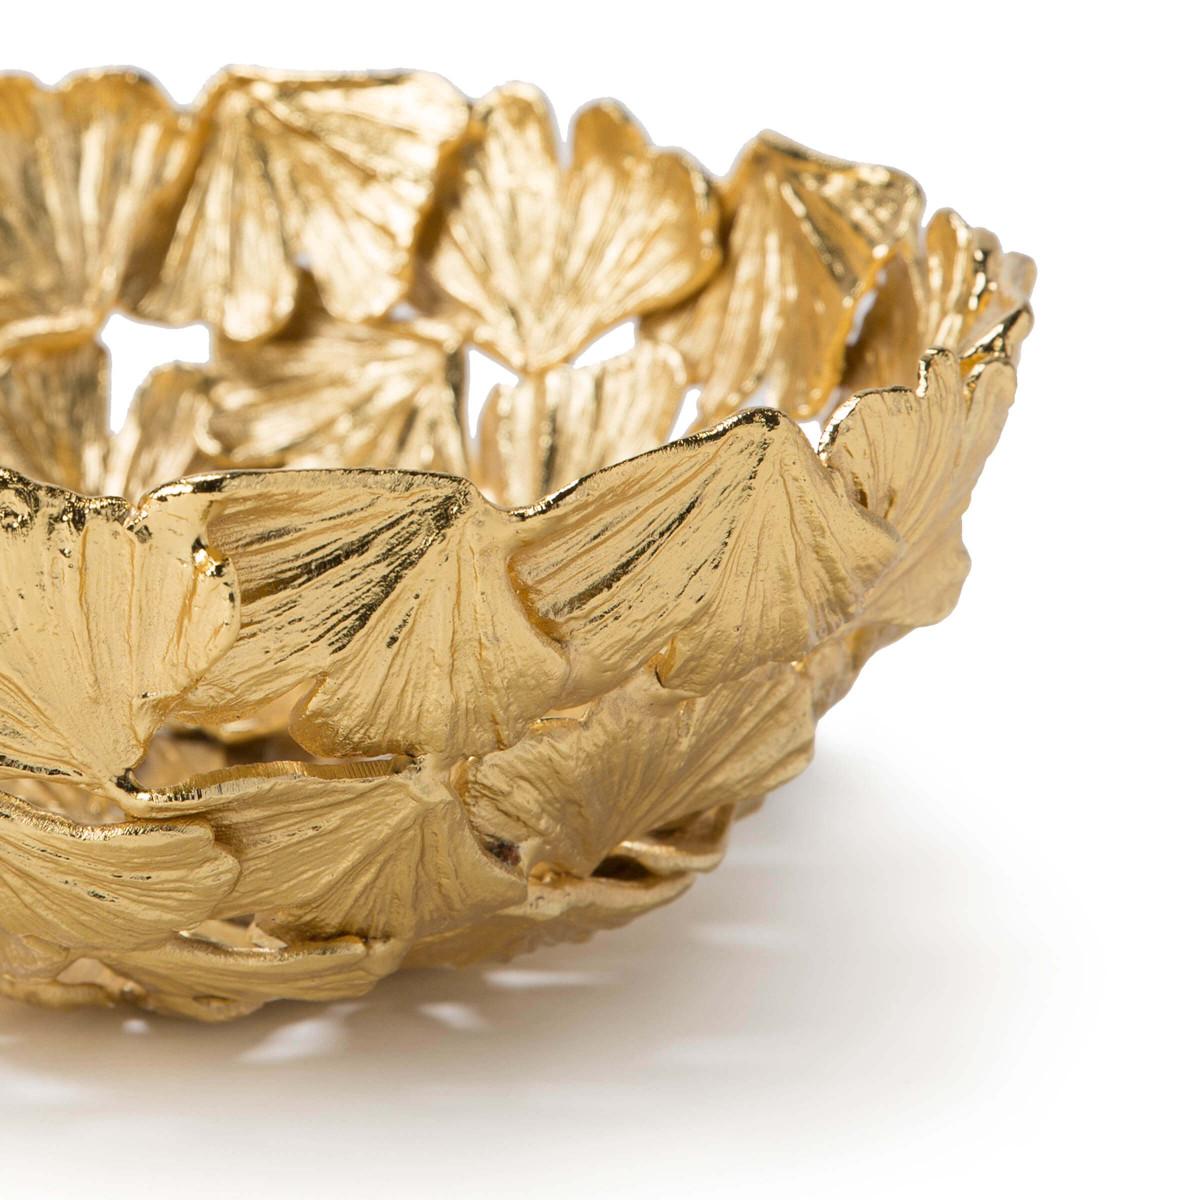 Lambio Leaf Bowls